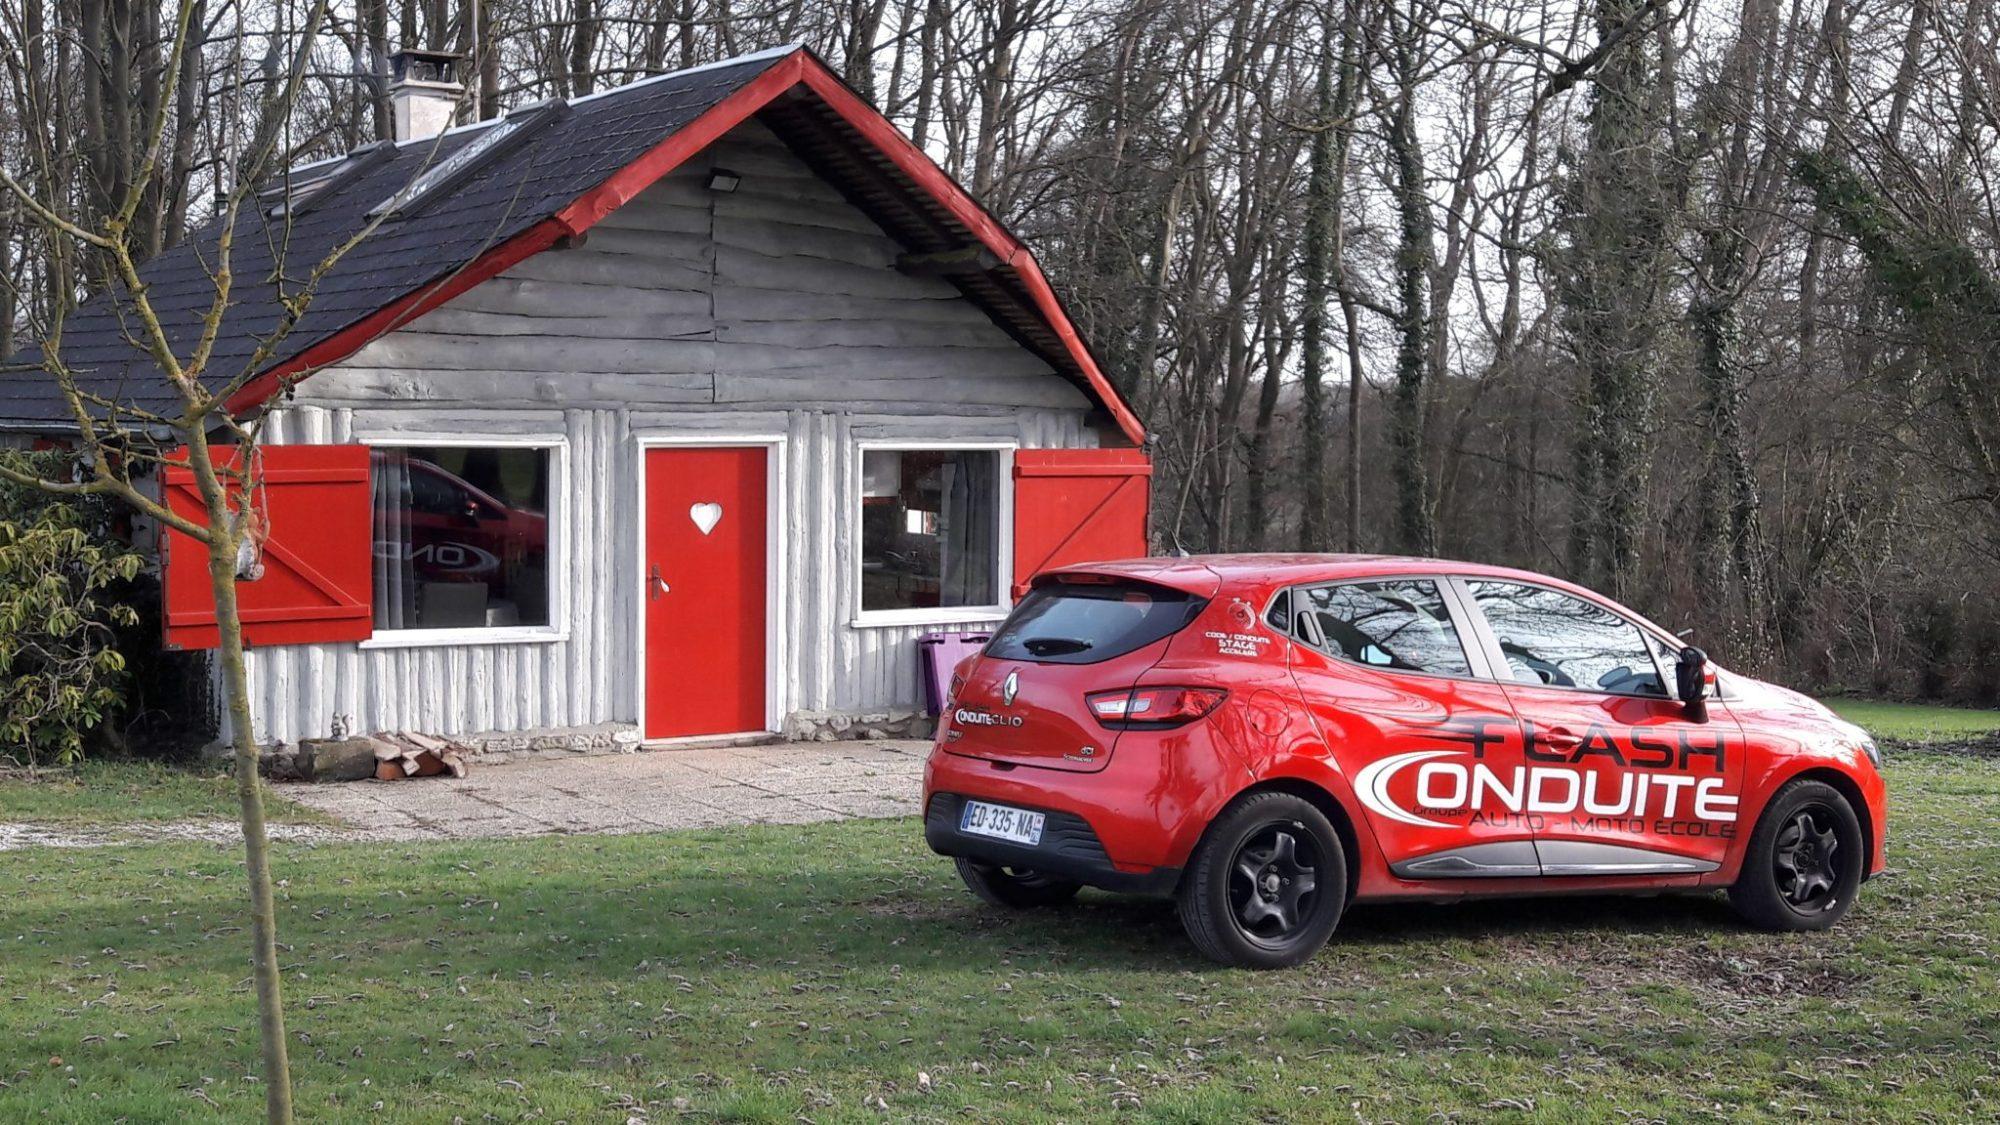 Auto ecole rueil malmaison cheap toujours situe dans for Garage moto courbevoie